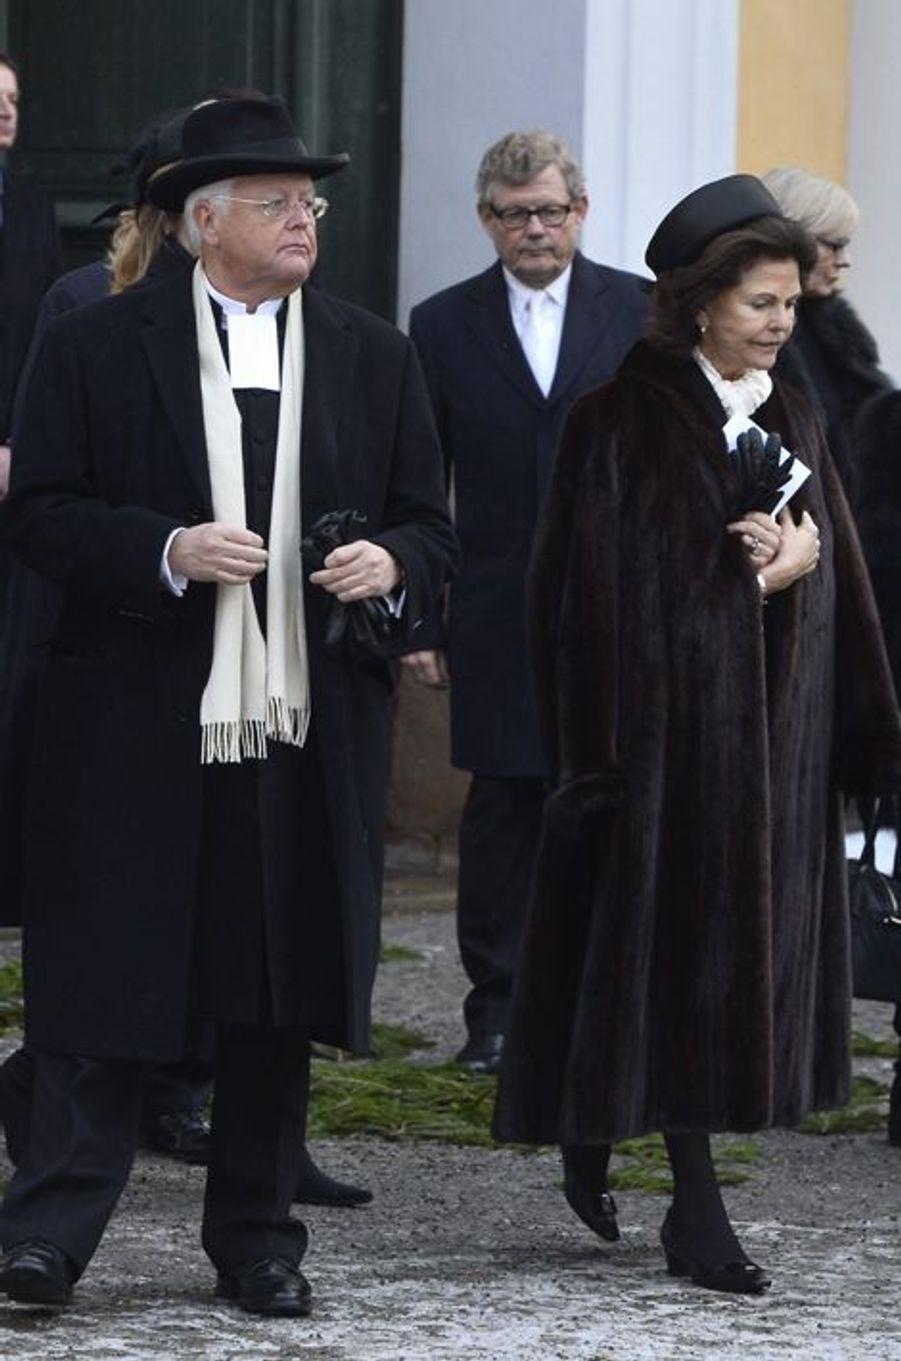 Le roi Carl XVI Gustaf et la reine Silvia à l'office pour Peter Wallenberg à Stockholm, le 4 février 2015